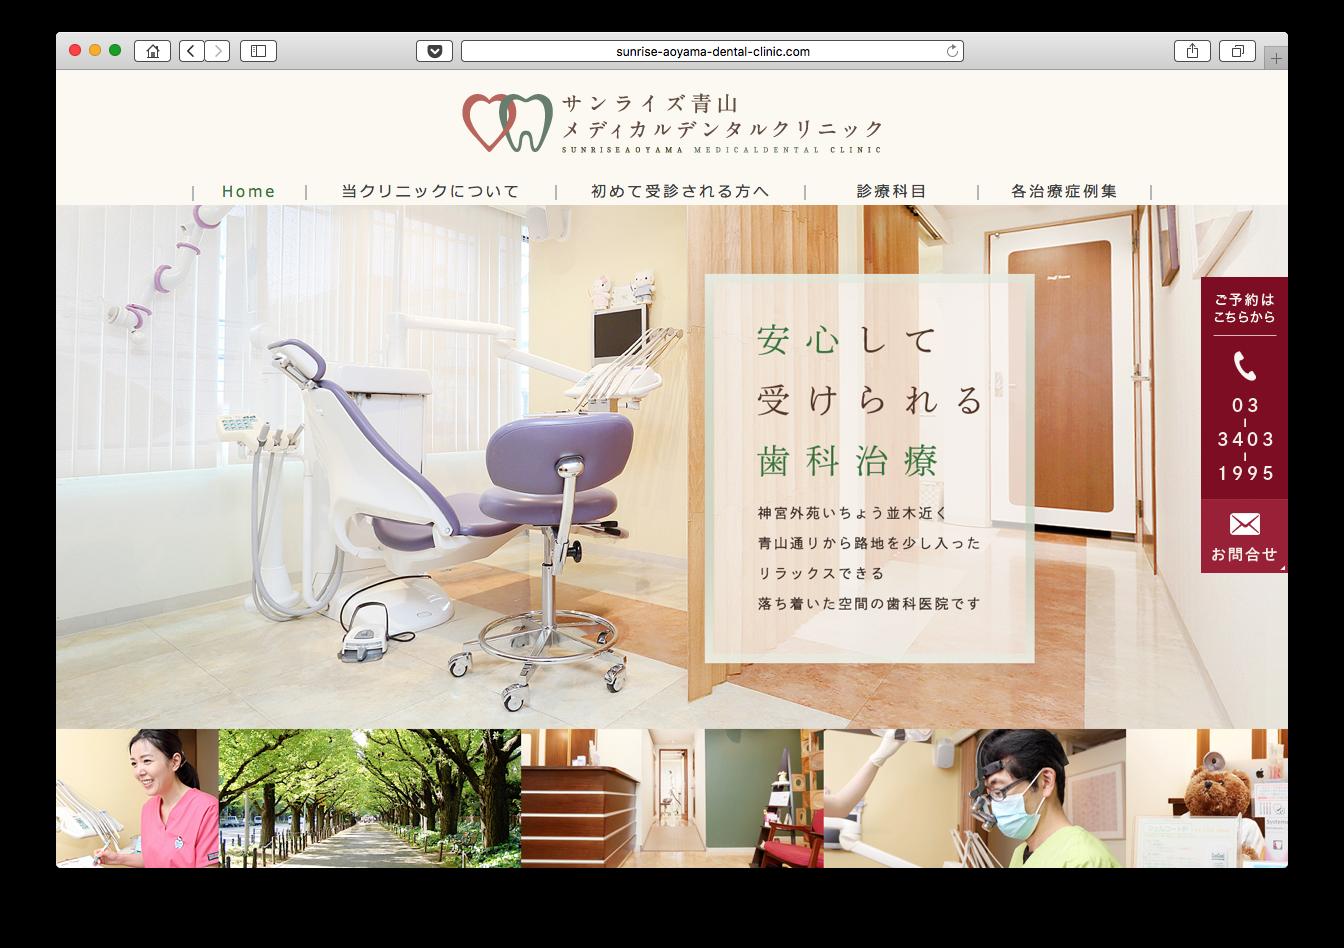 やってはいけない! 歯科医院のホームページの5つのNGポイント